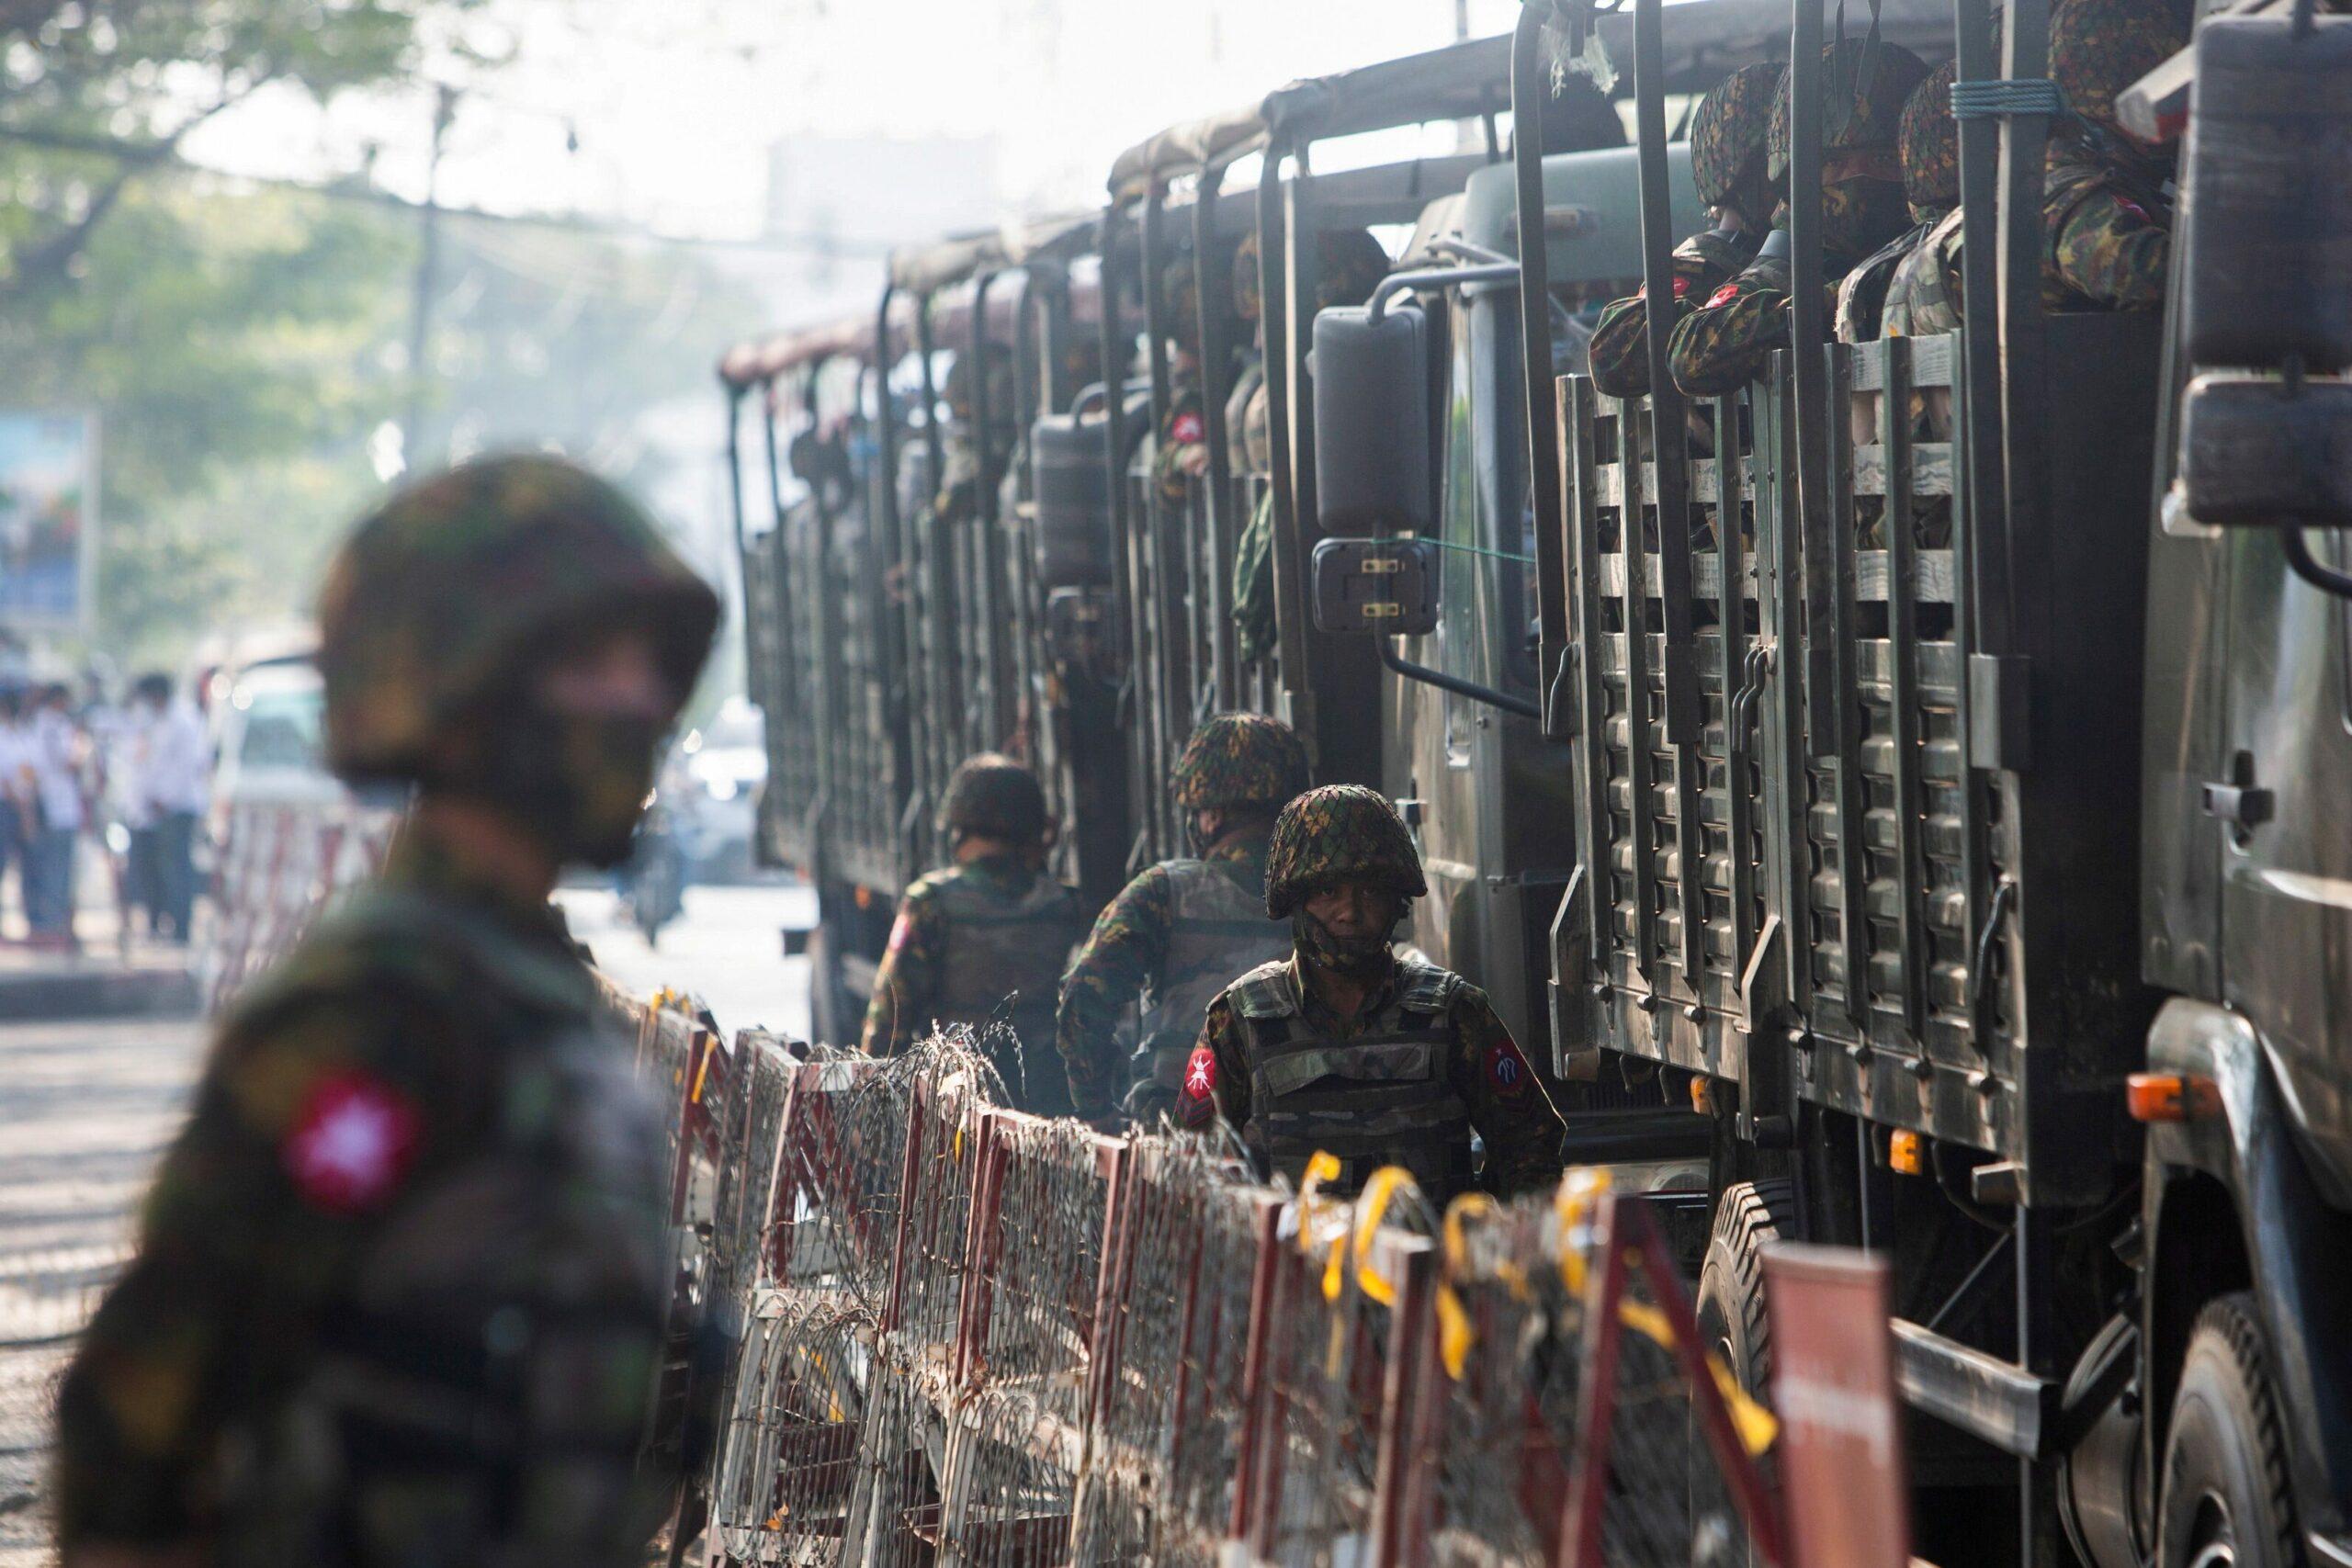 รัฐบาลเงาเมียนมาปลุกปชช.ทำสงคราม หลังผู้แทนอาเซียนบอกทหารเมียนมายอมหยุดยิง